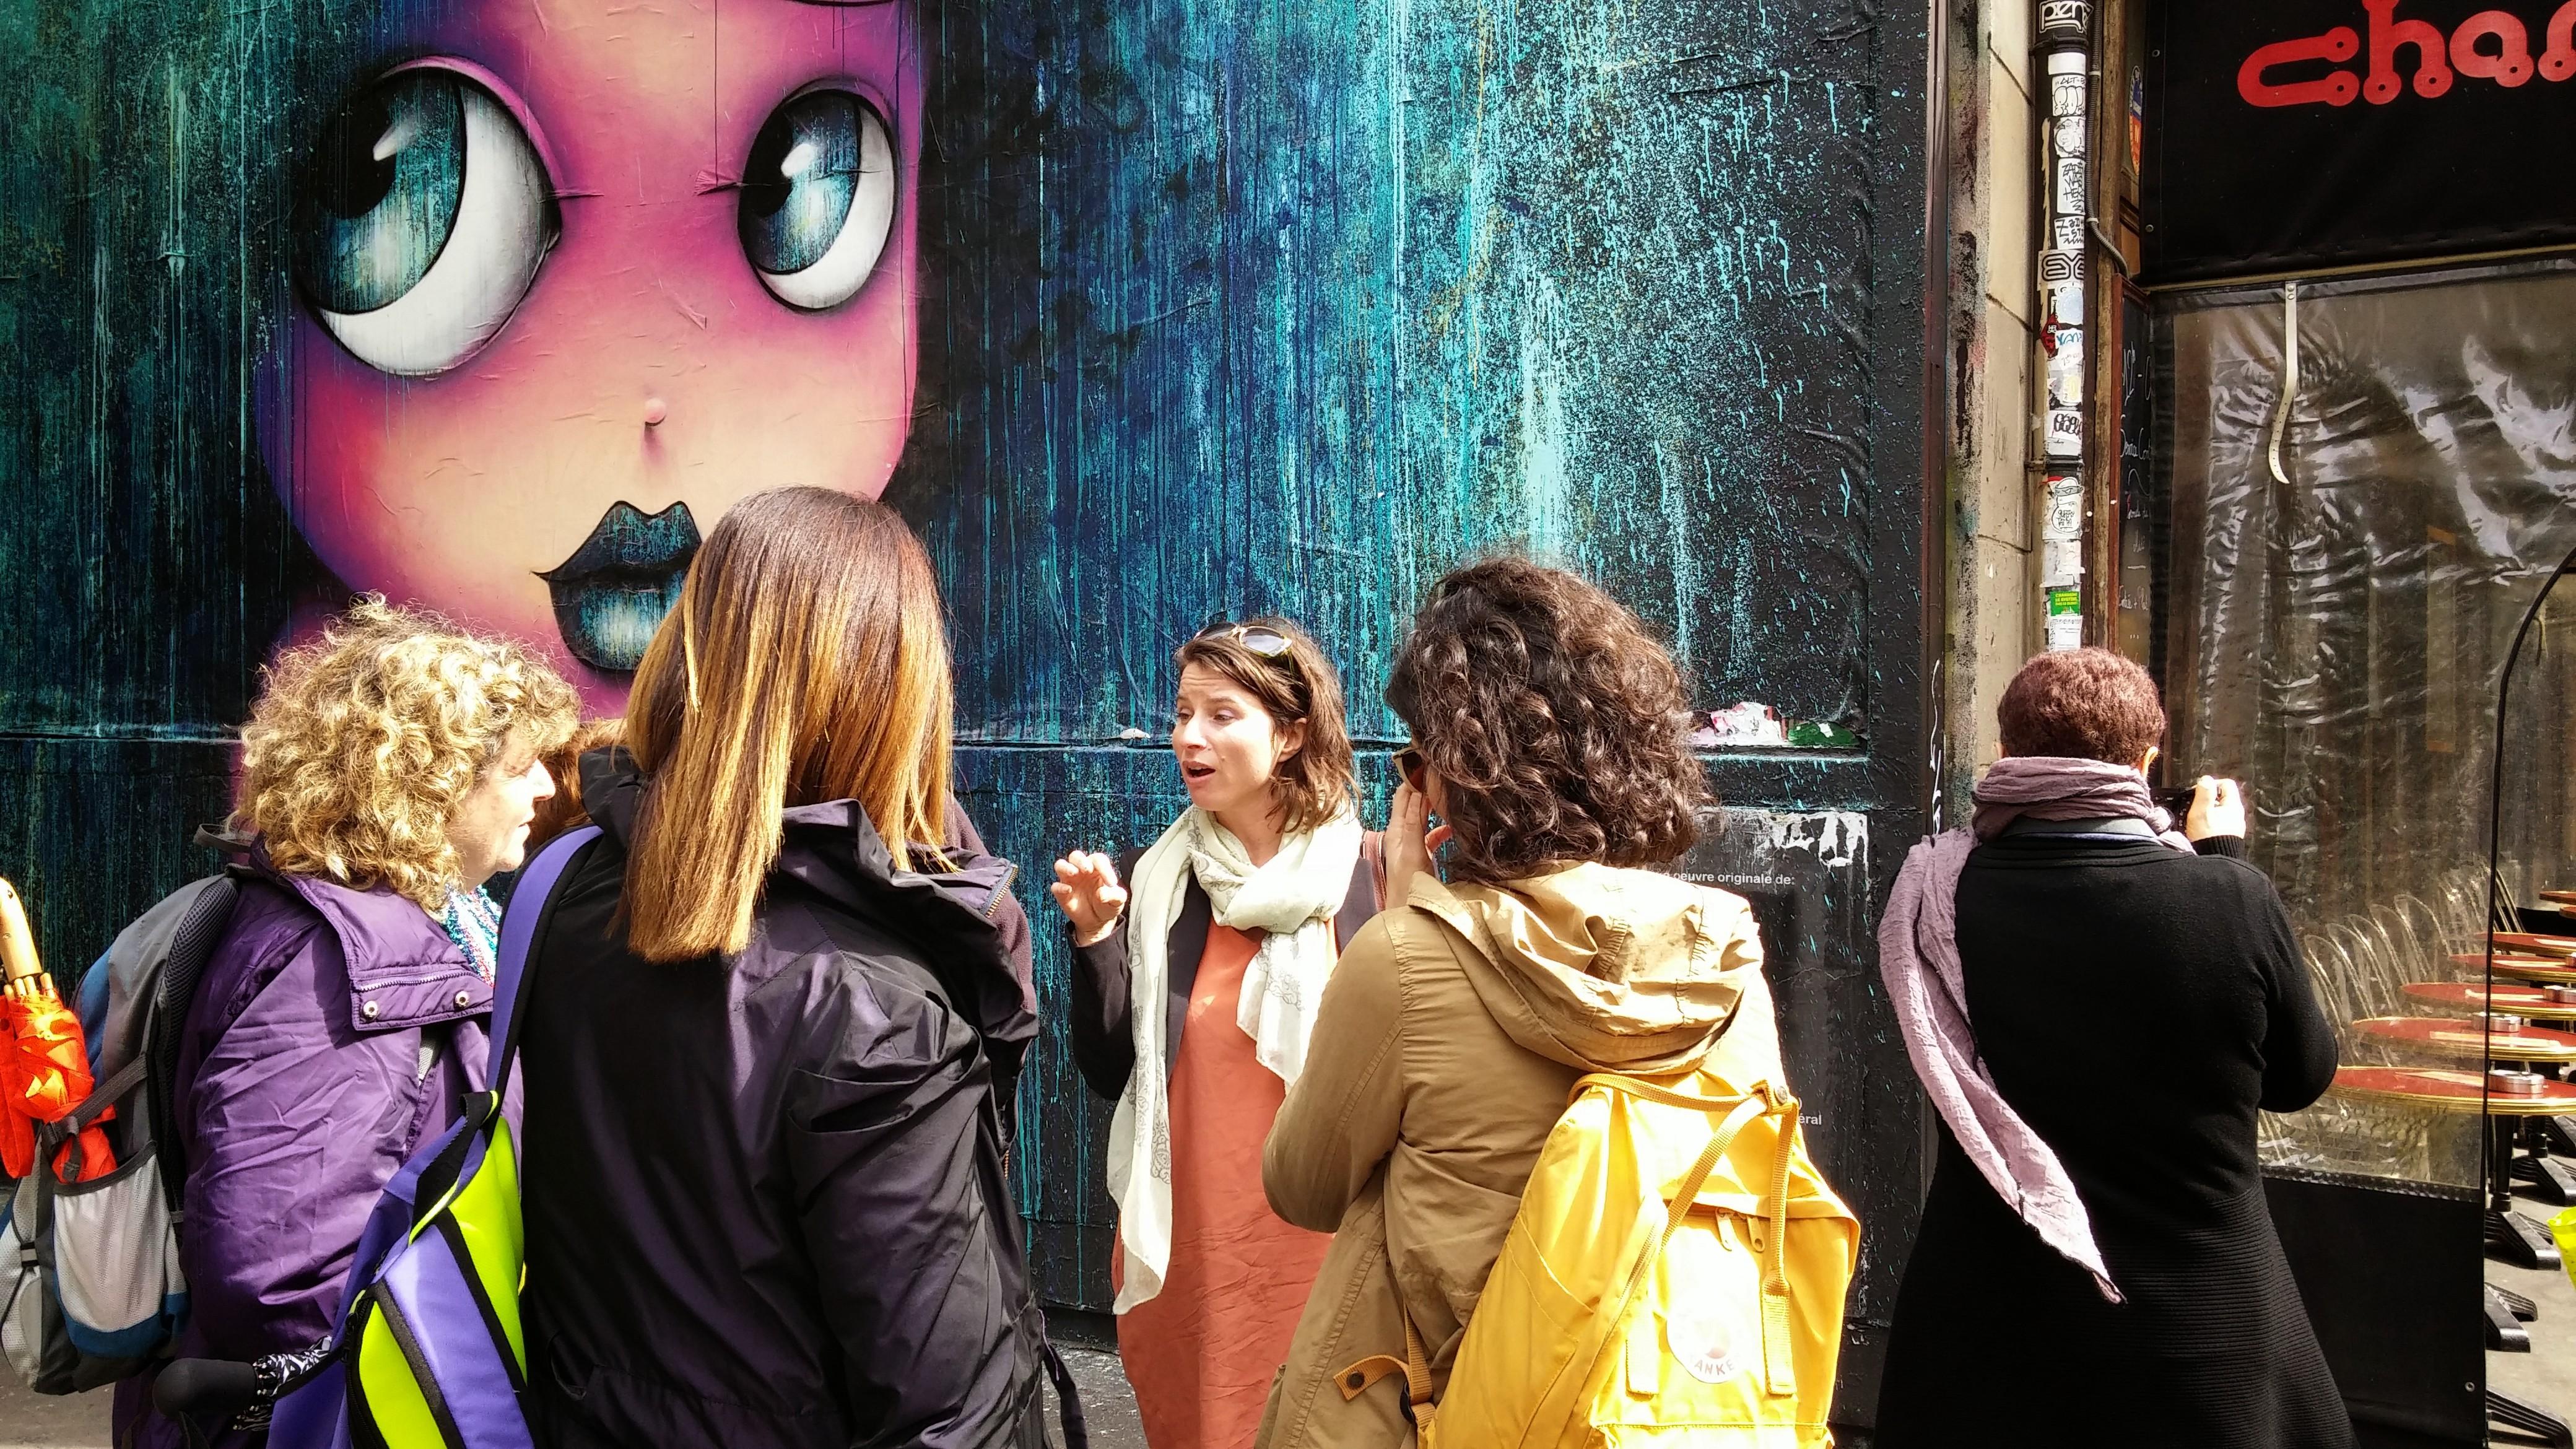 סיור אמנות רחוב בפריז